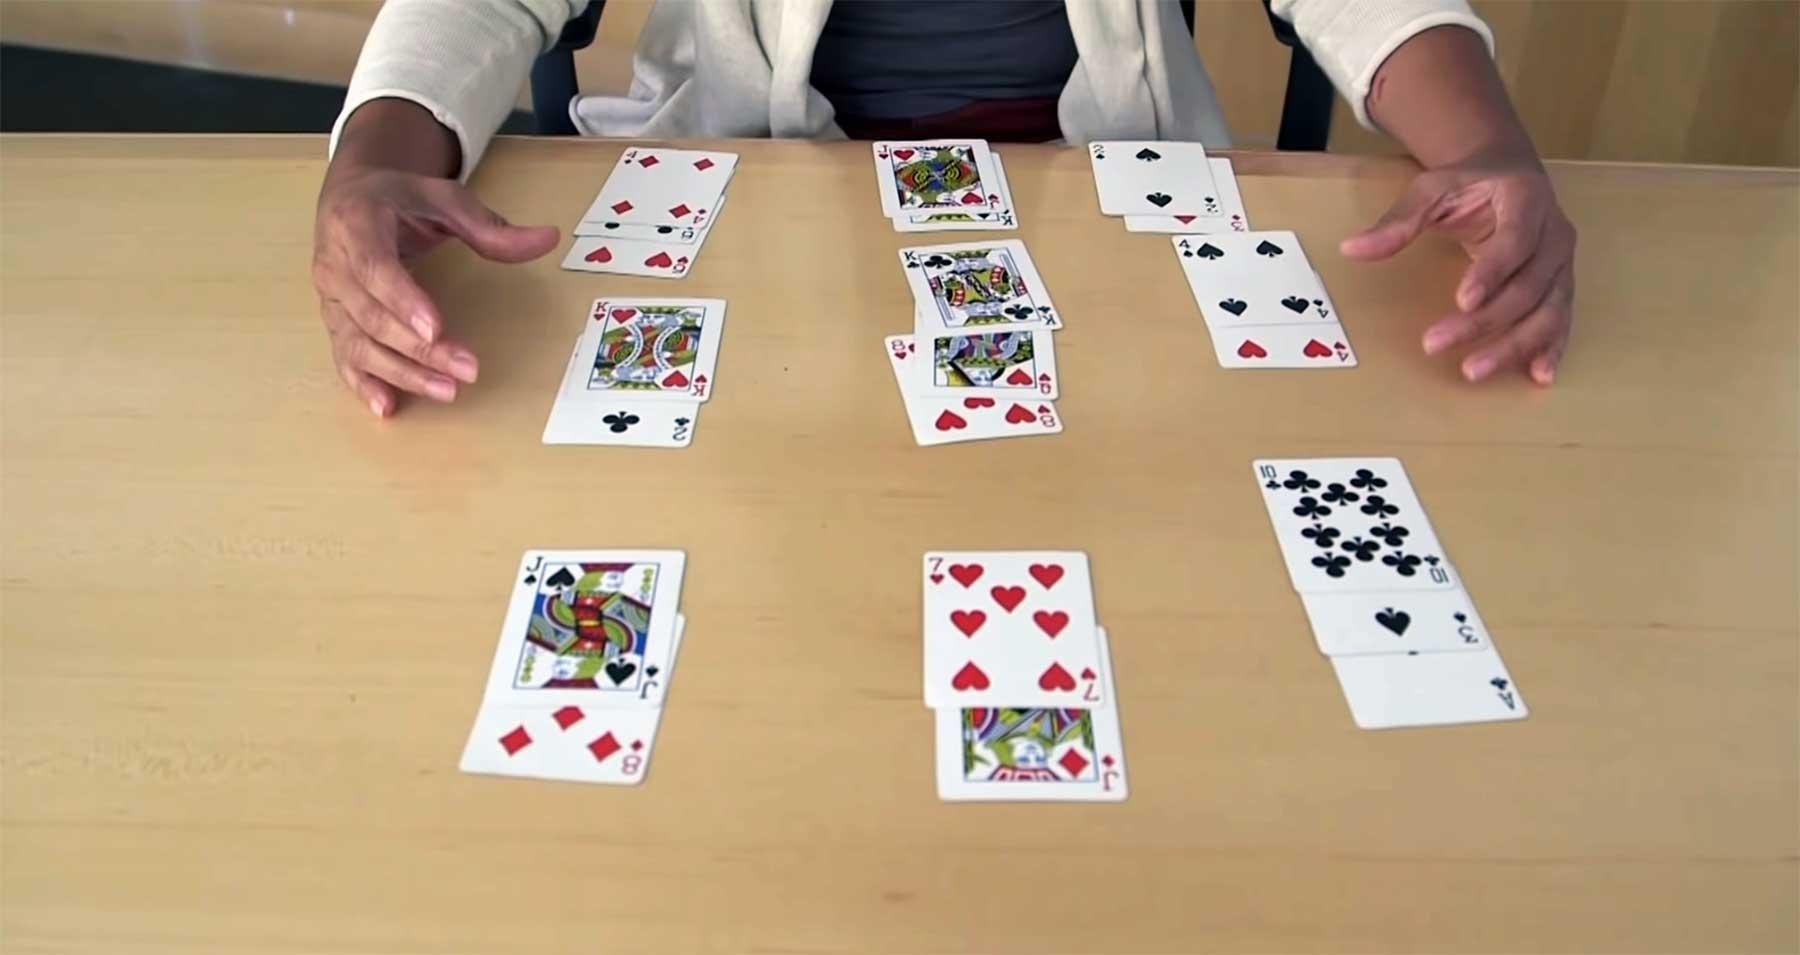 Lernt den 21-Karten-Trick